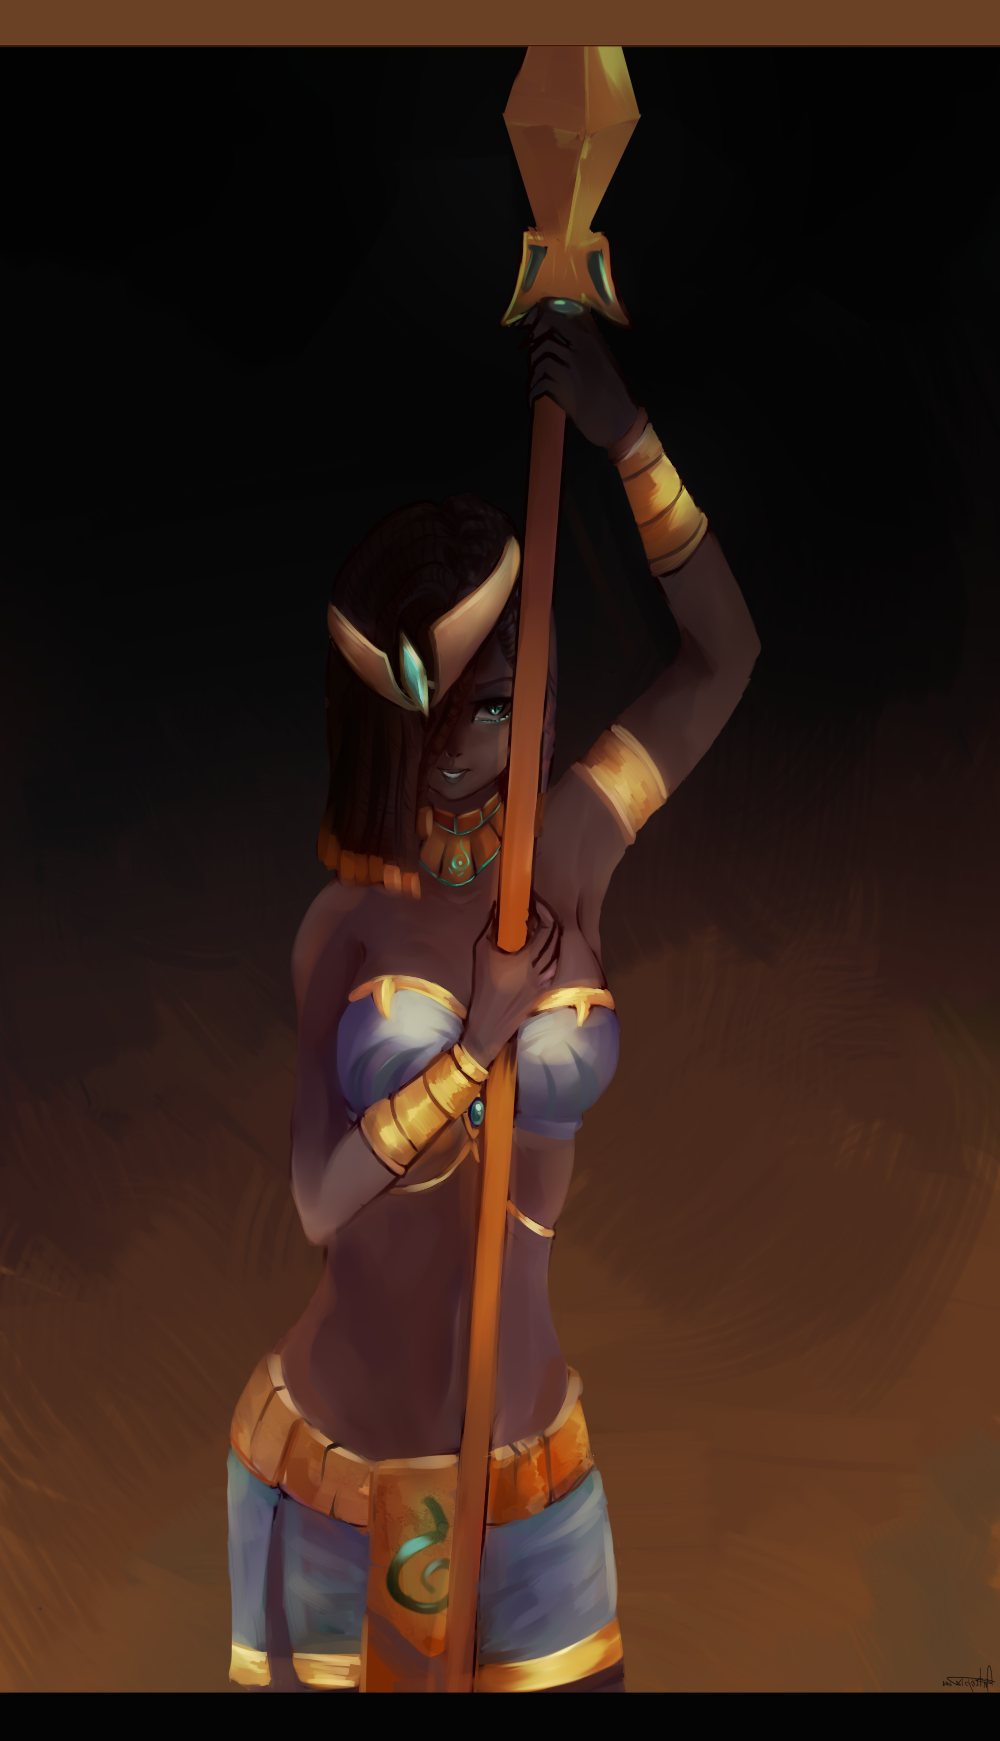 [LoL] Pharaoh Nidalee by antropix